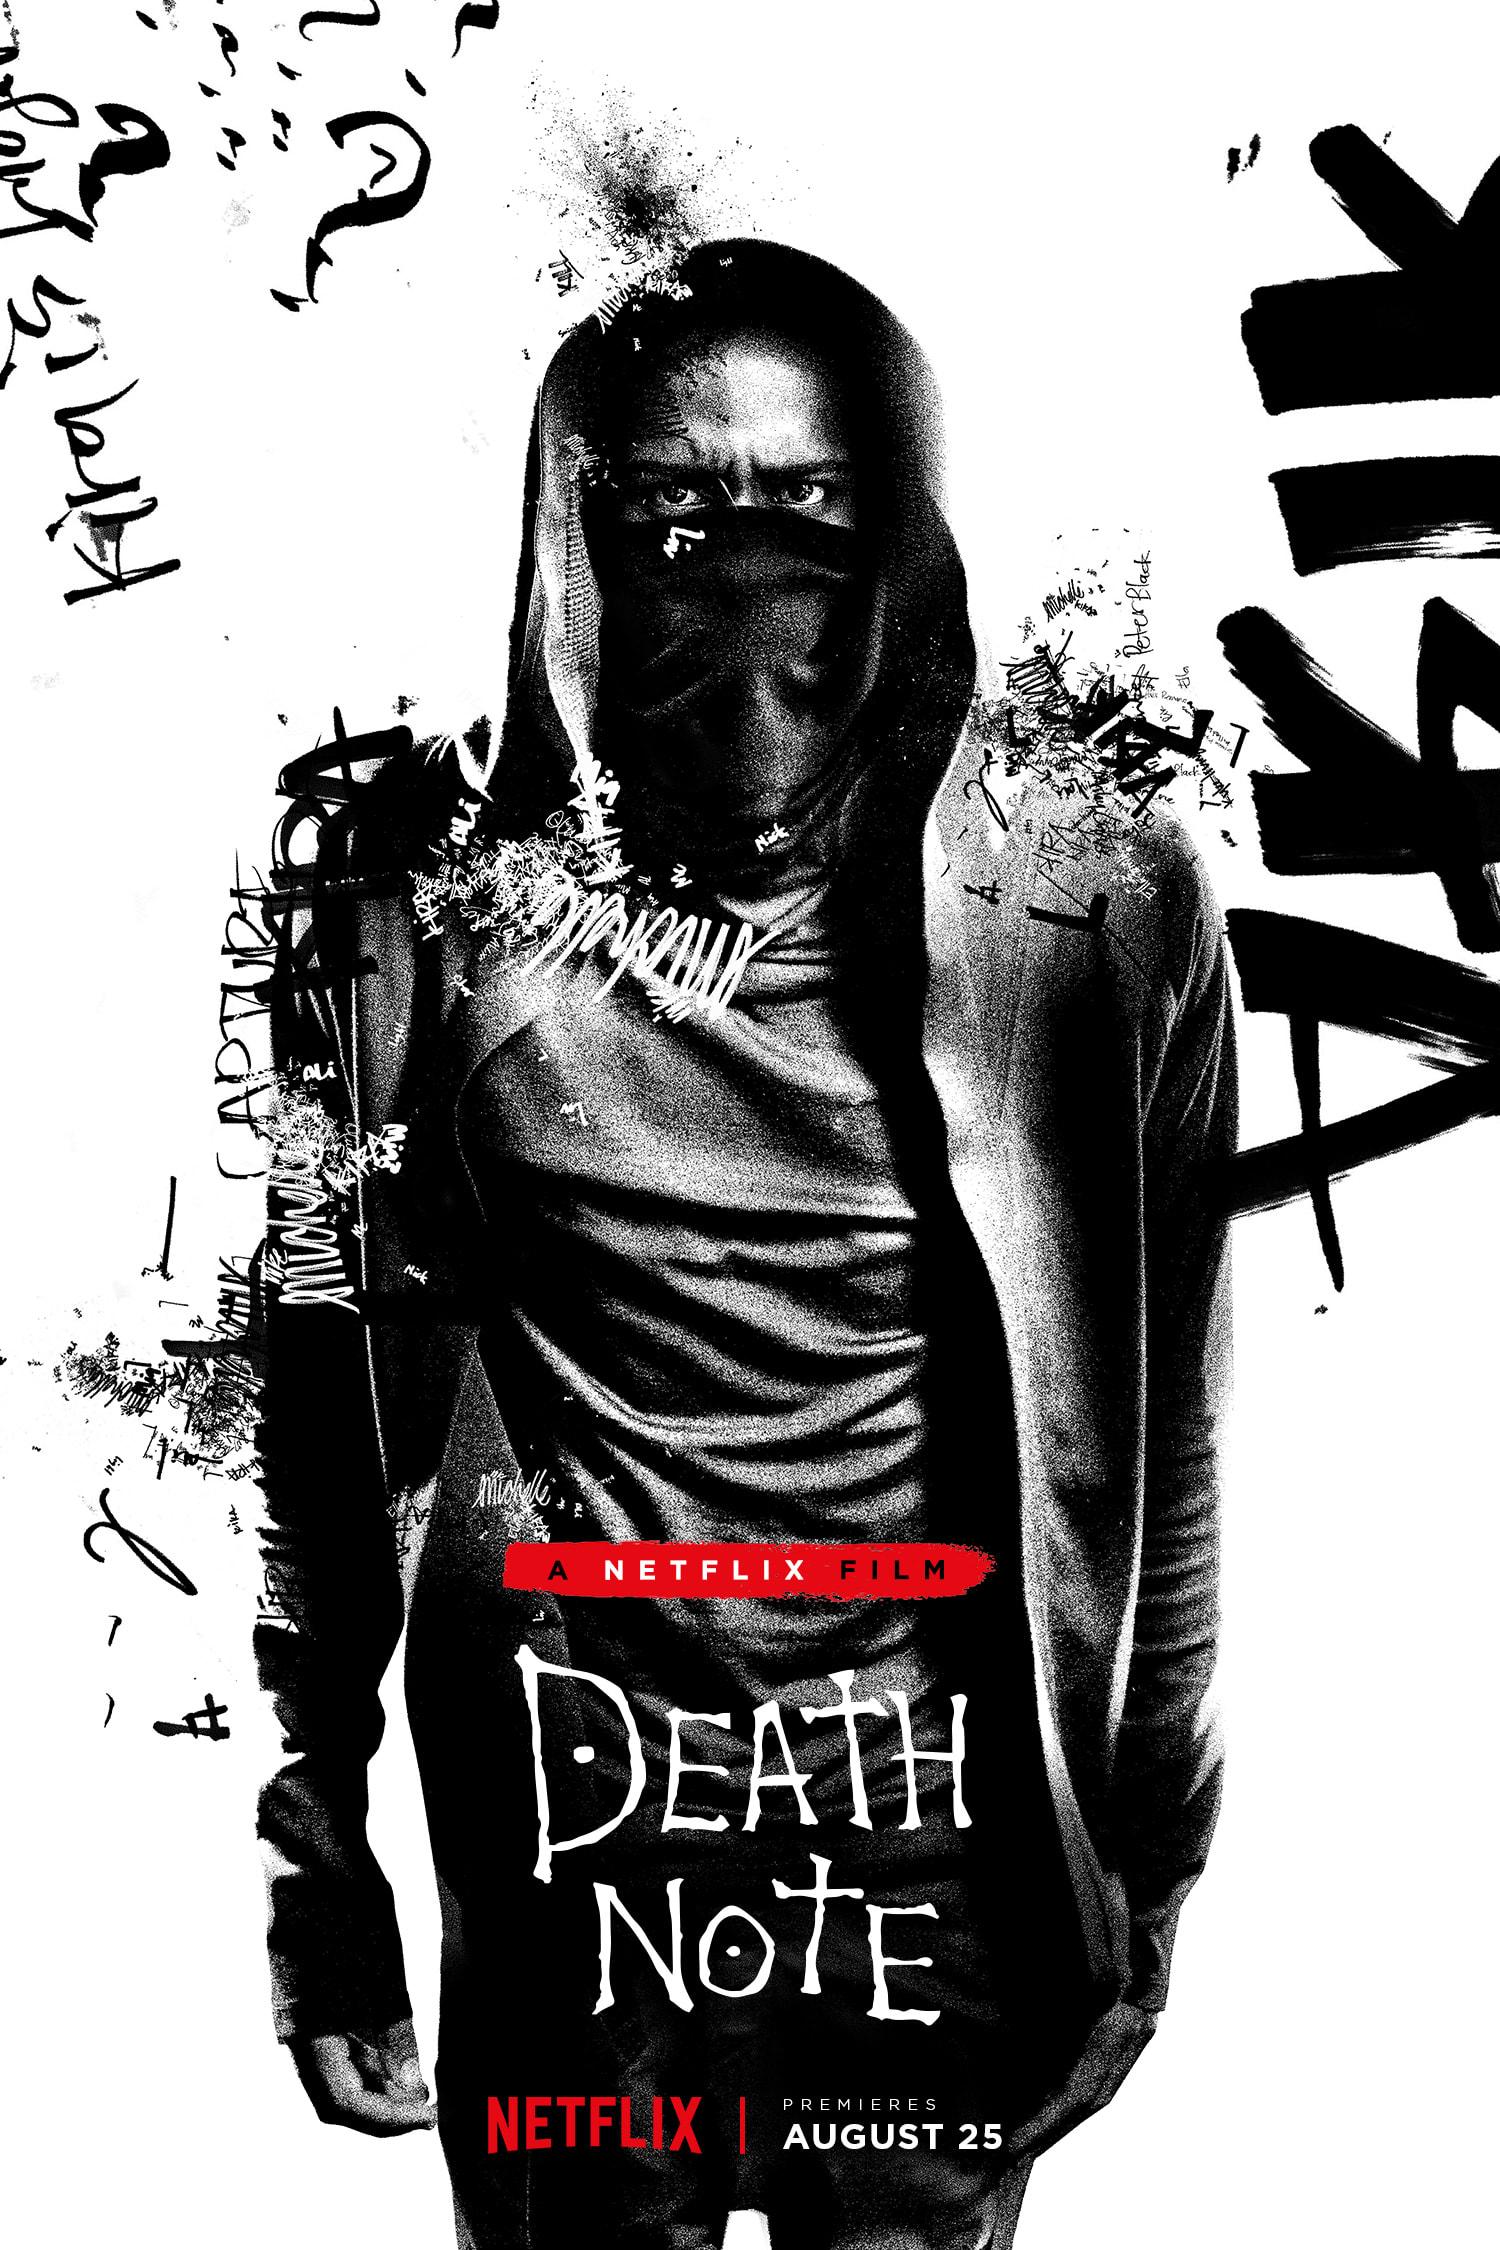 Netflix Deathnote